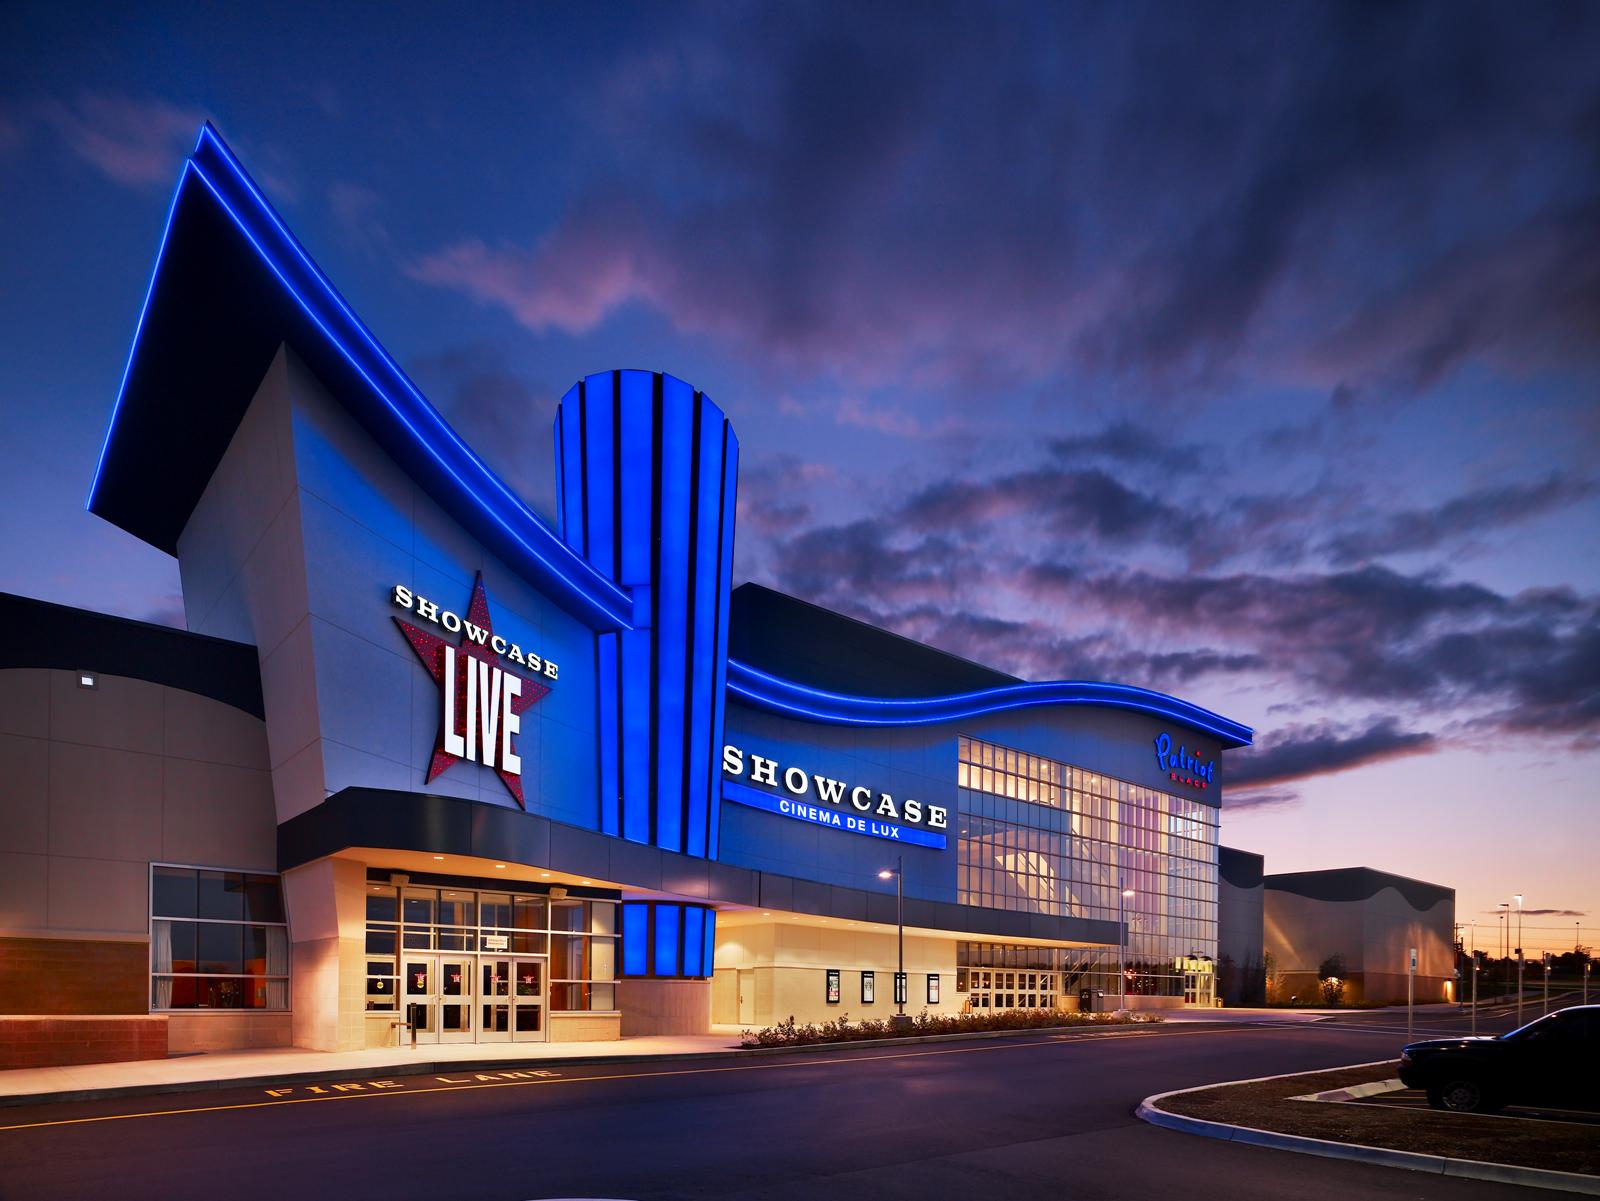 Showcase Live Building Places Cinema Image House